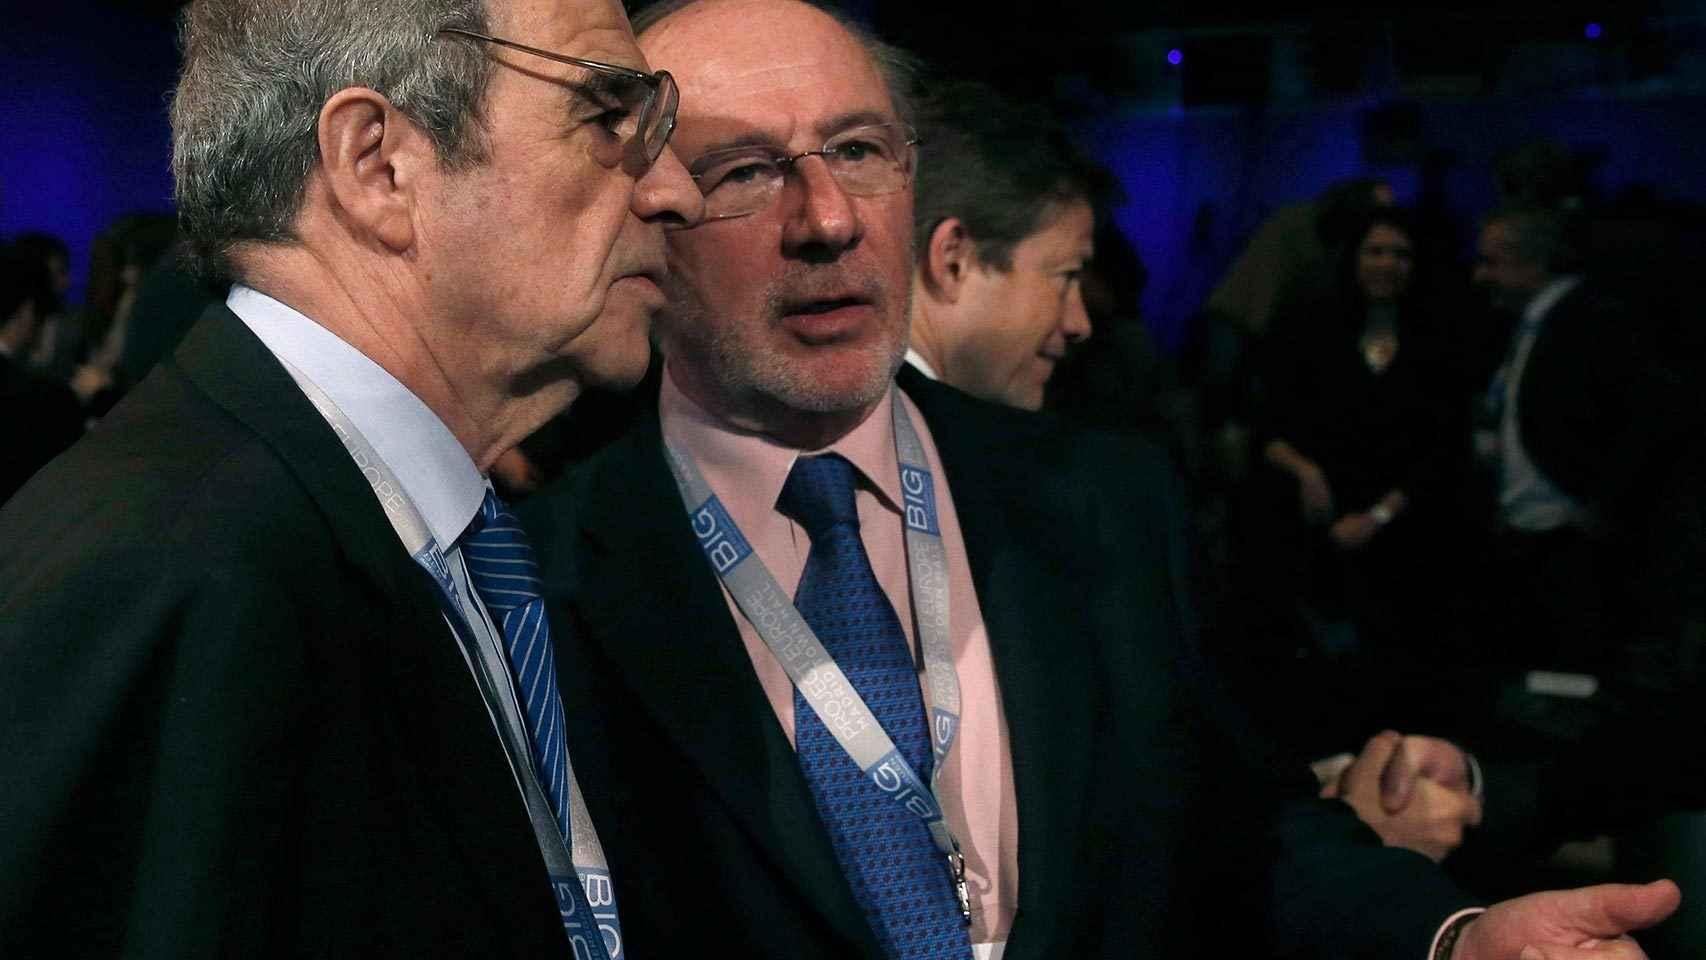 Alierta y Rato conversan durante una conferencia sobre Europa en febrero de 2014.